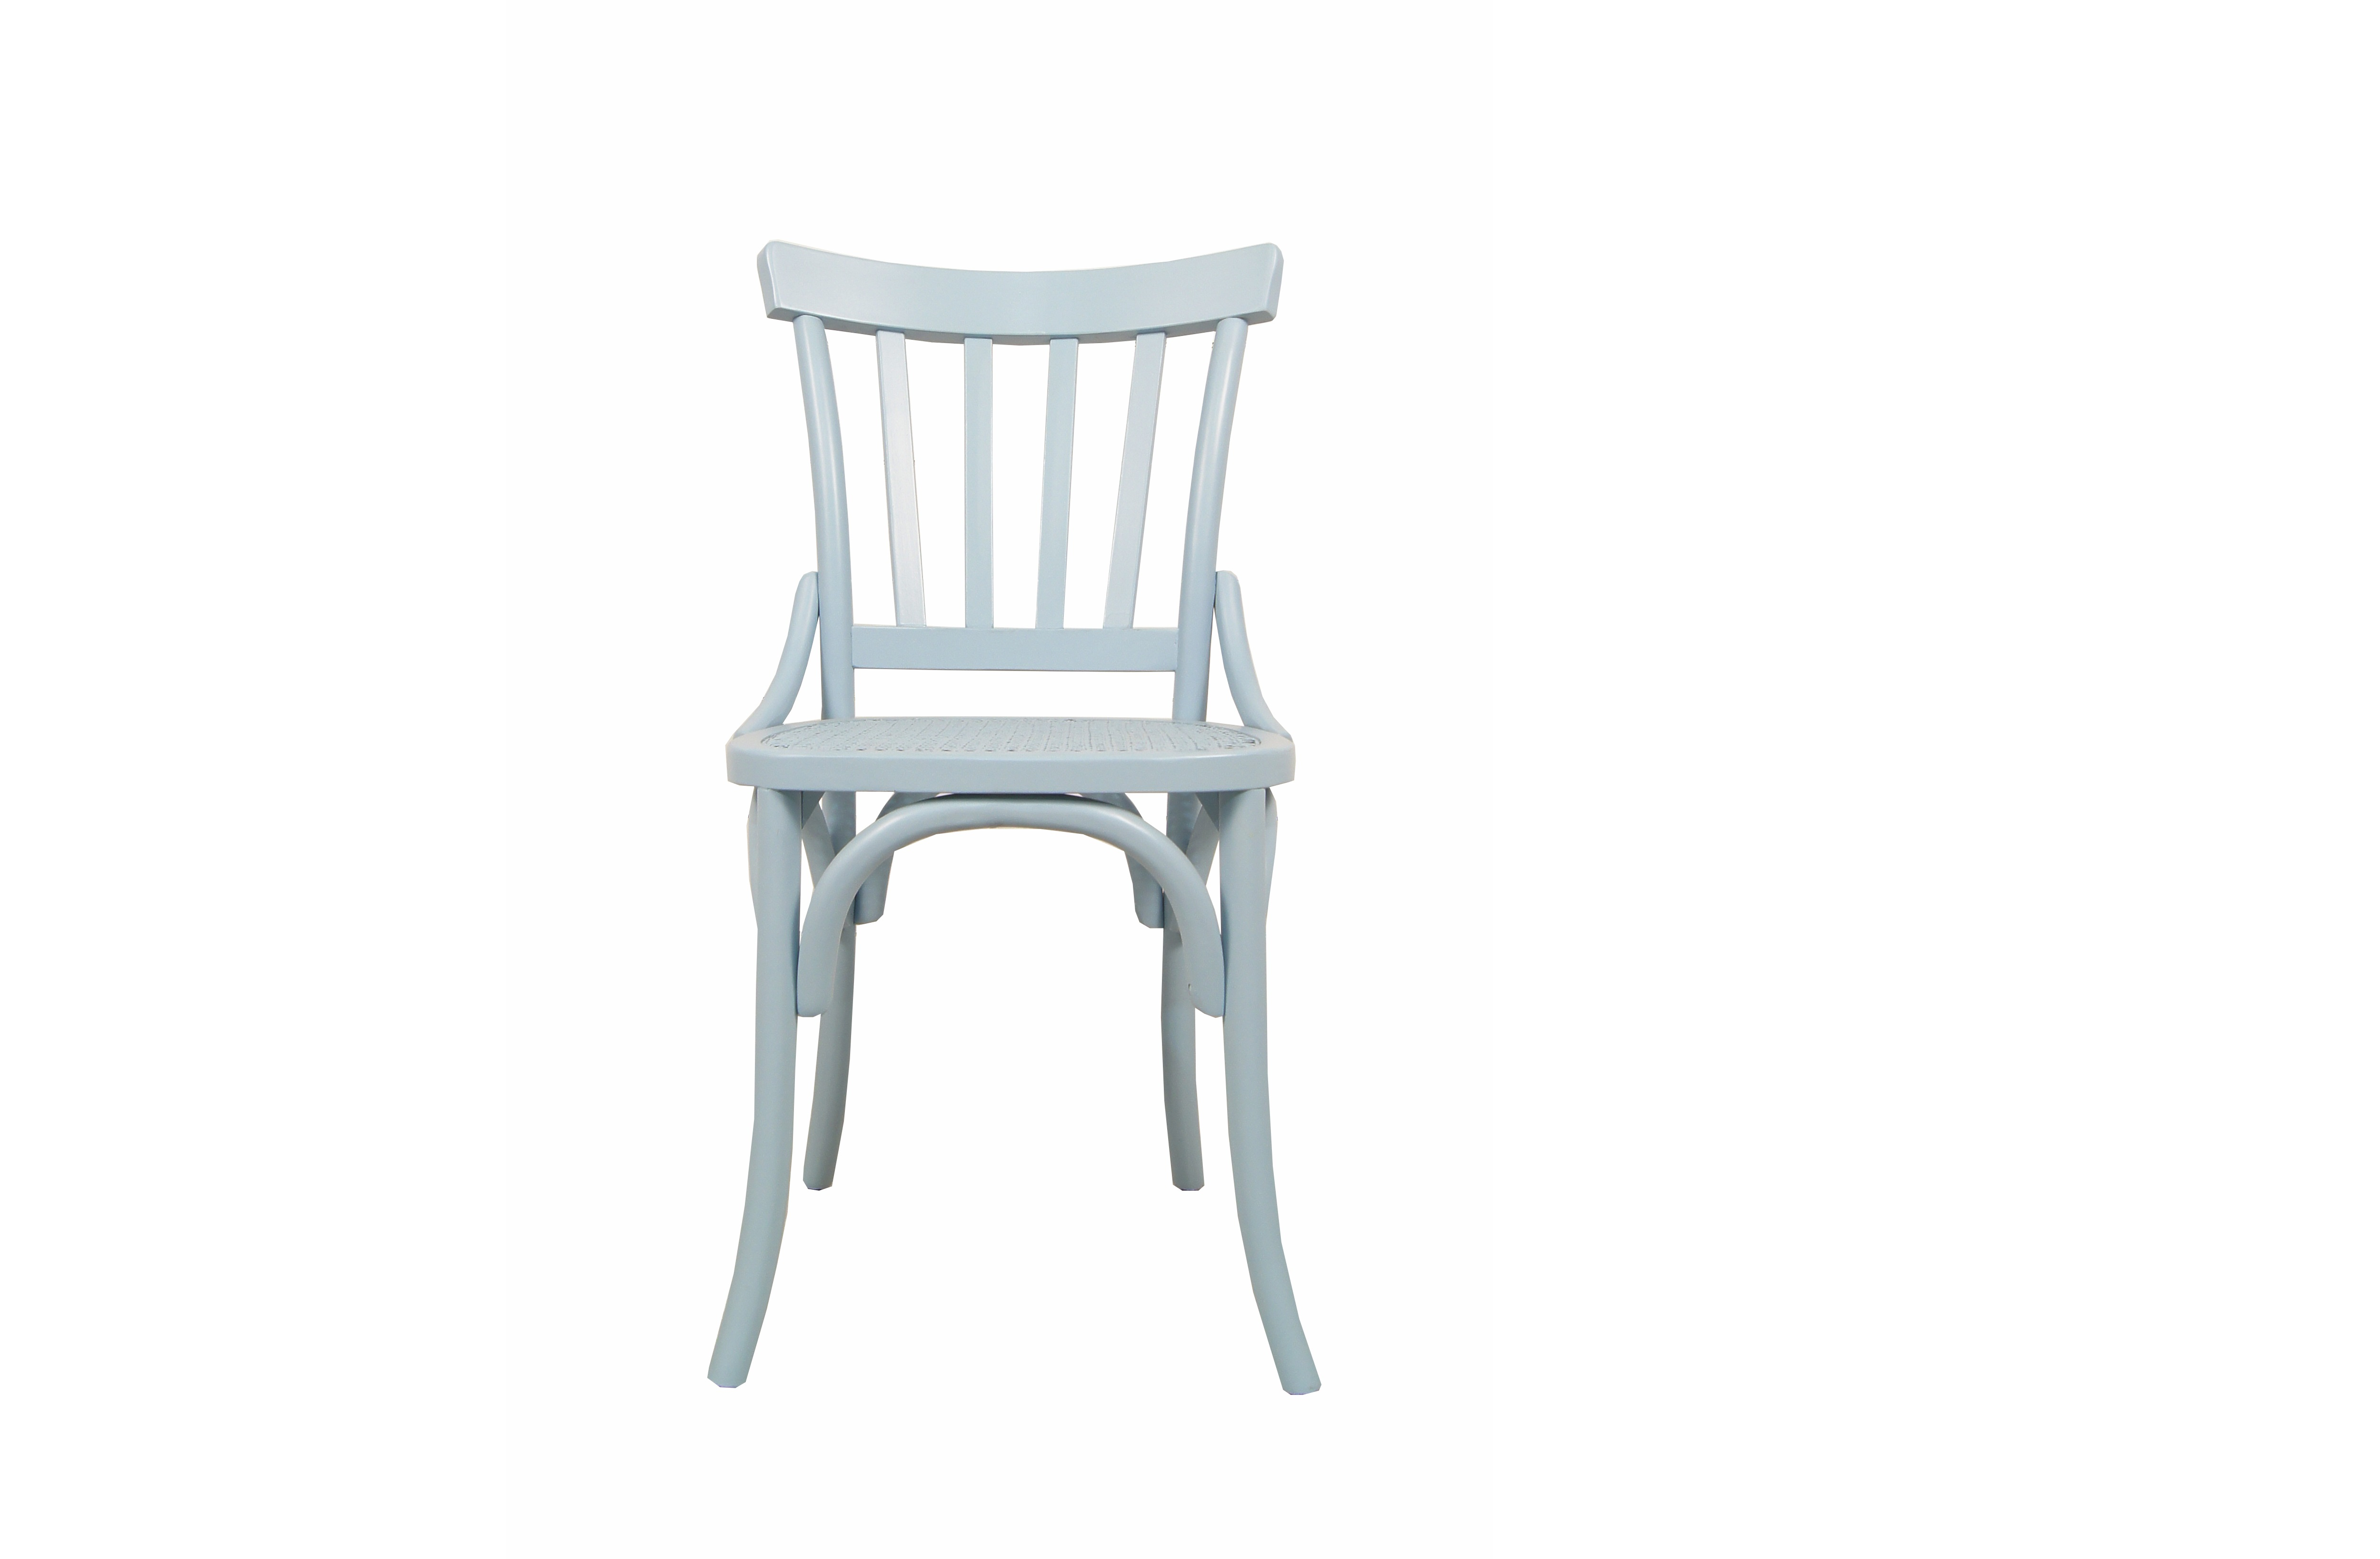 СтулОбеденные стулья<br>Классический вариант мебели для интерьера в стиле Прованс. Скромный и нежный образ &amp;amp;nbsp;стула как нельзя лучше подчеркнет колорит французского кантри. В модели нет ничего лишнего. Здесь буквально все говорит о легкости: нежный голубой цвет, слегка изогнутые линии. Завершающий штрих – ажурная отделка сиденья стула – добавит в пространство романтики и уюта. &amp;amp;nbsp;<br><br>Material: Береза<br>Width см: 50<br>Depth см: 54<br>Height см: 88